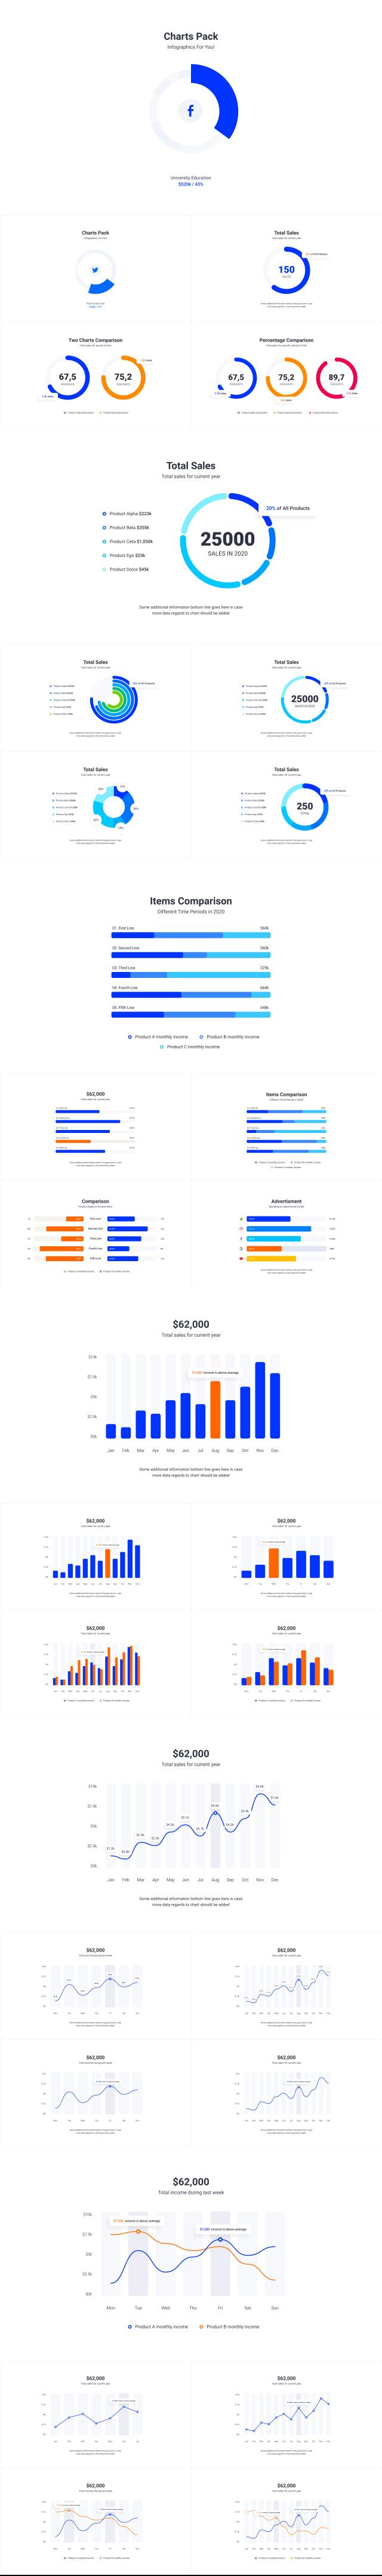 Chart-descr